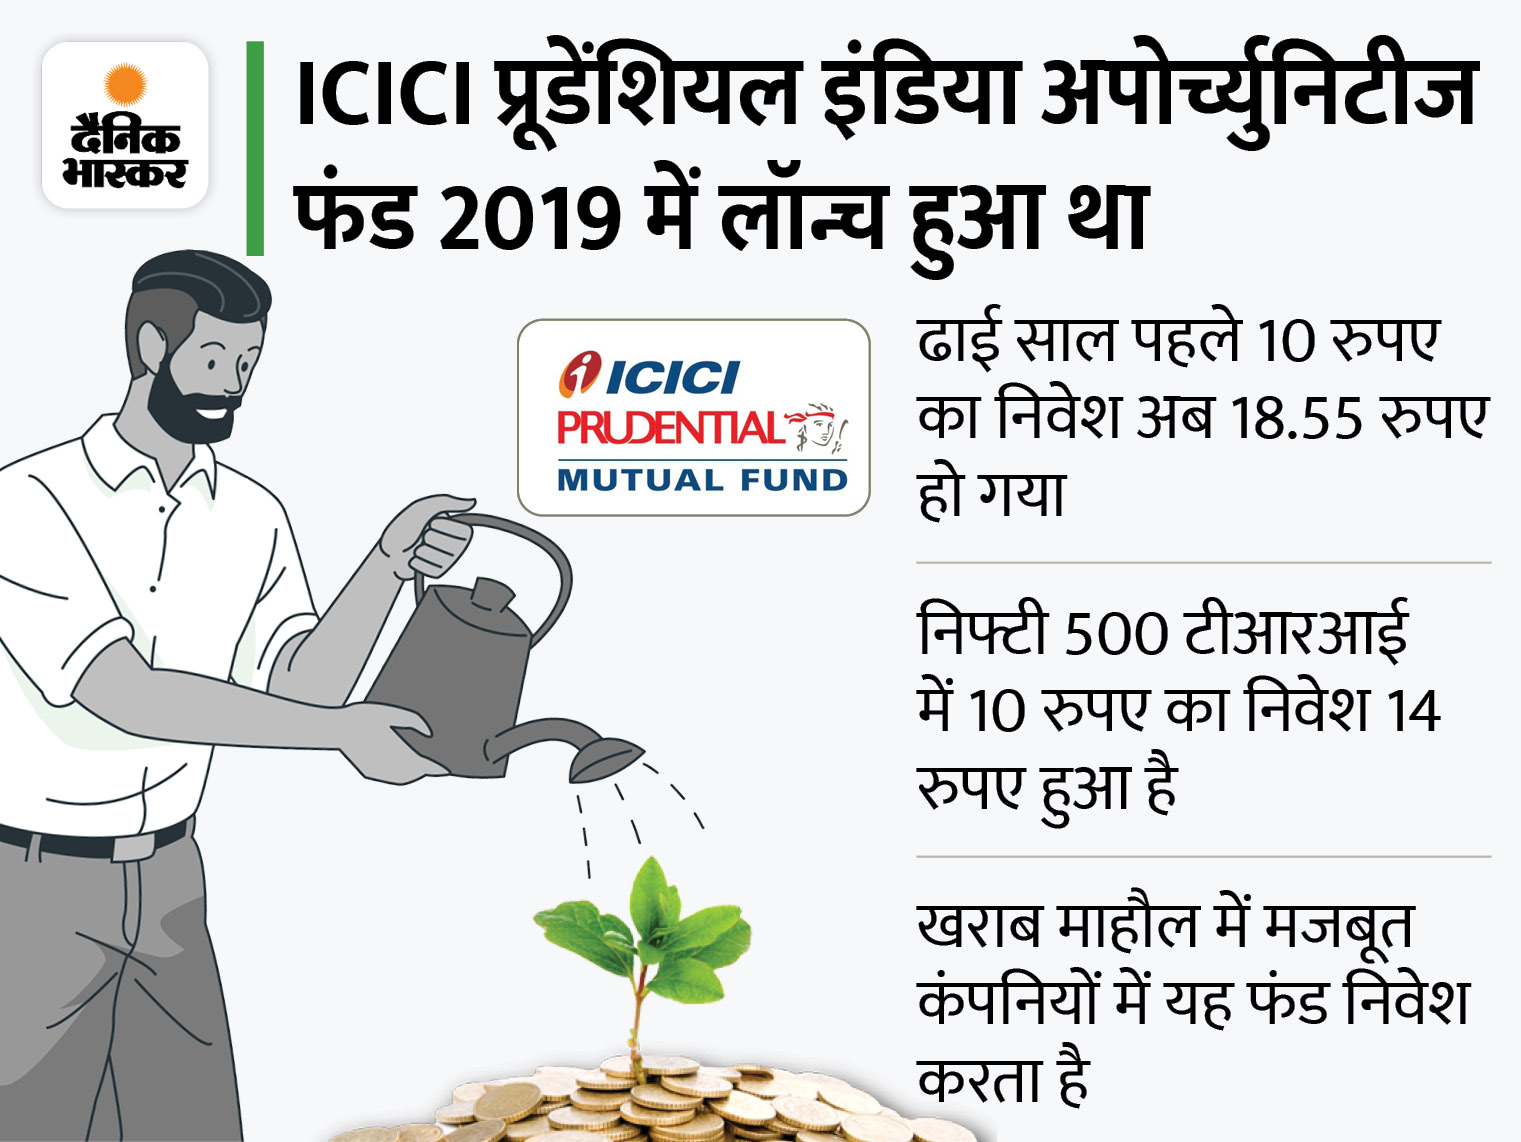 ICICI प्रूडेंशियल इंडिया अपोर्च्युनिटीज फंड का एक साल में 99.68% का रिटर्न, बेस्ट इक्विटीज प्रोडक्ट बना|बिजनेस,Business - Dainik Bhaskar